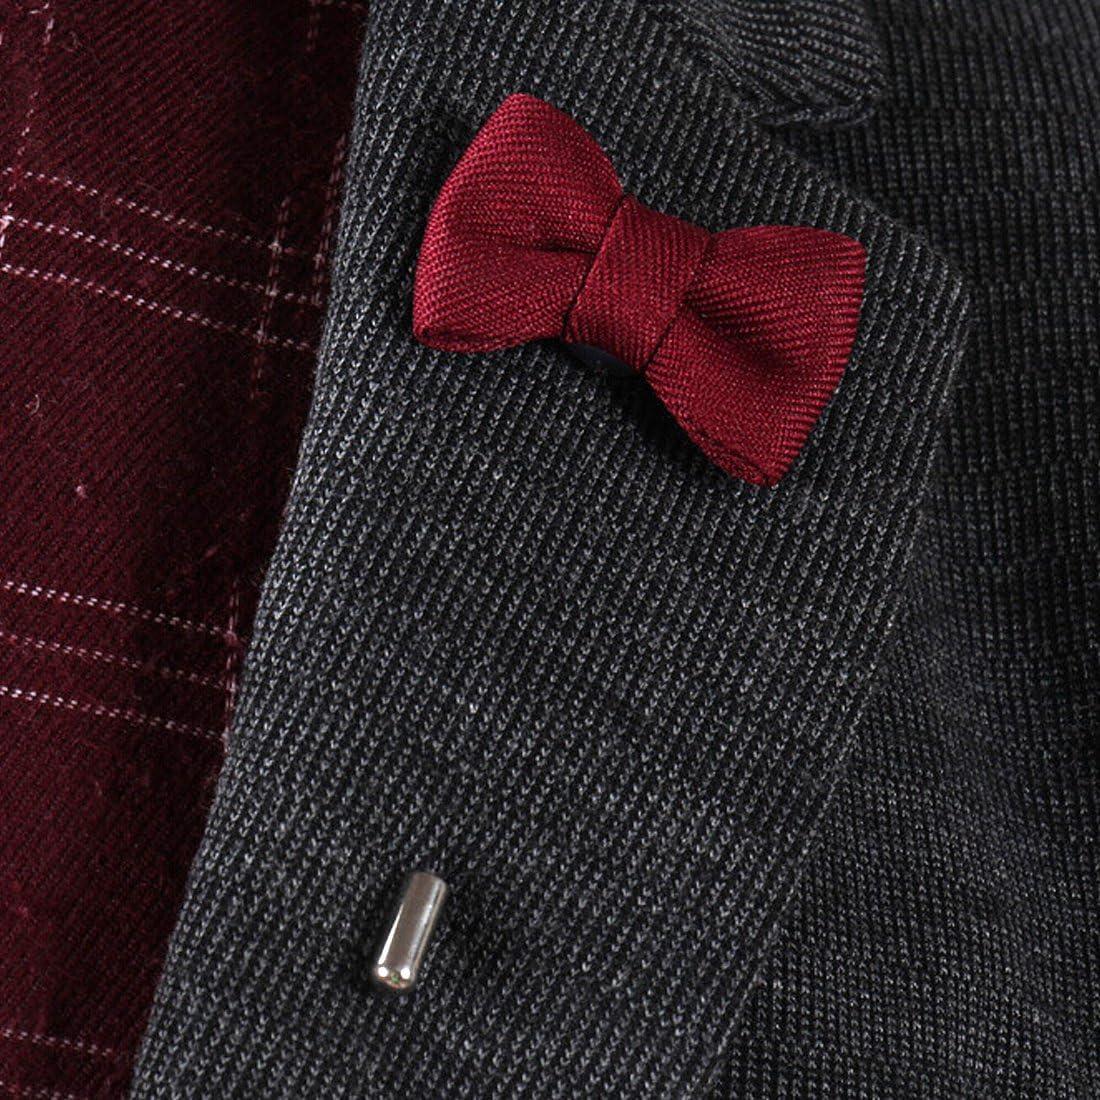 per abito da matrimonio confezione da 6 unit/à da uomo Kilofly Spille a forma di papillon e cravatte